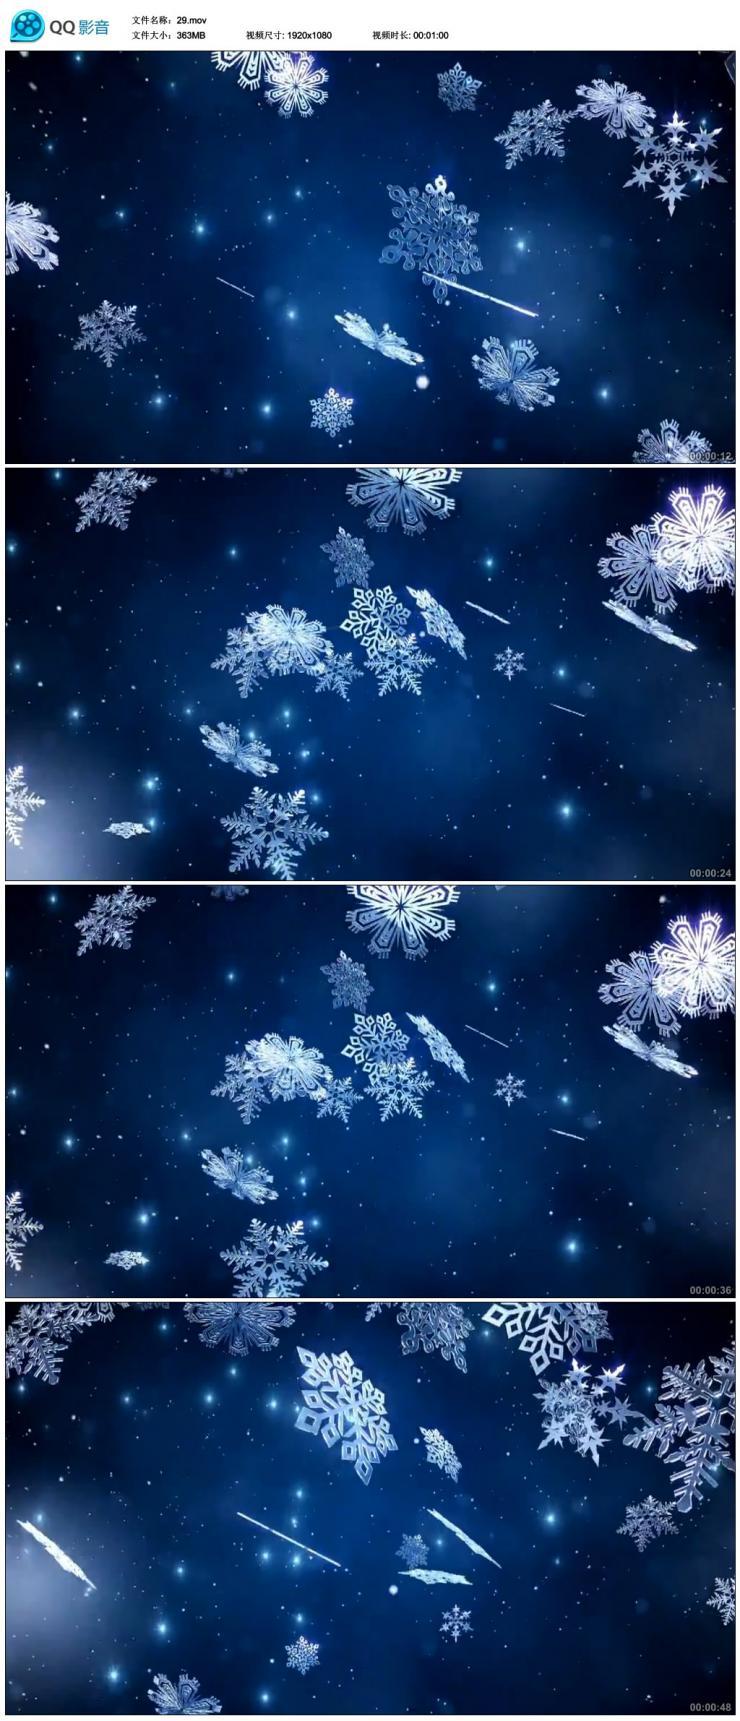 白色雪花唯美浪漫抒情蓝调优美背景视频